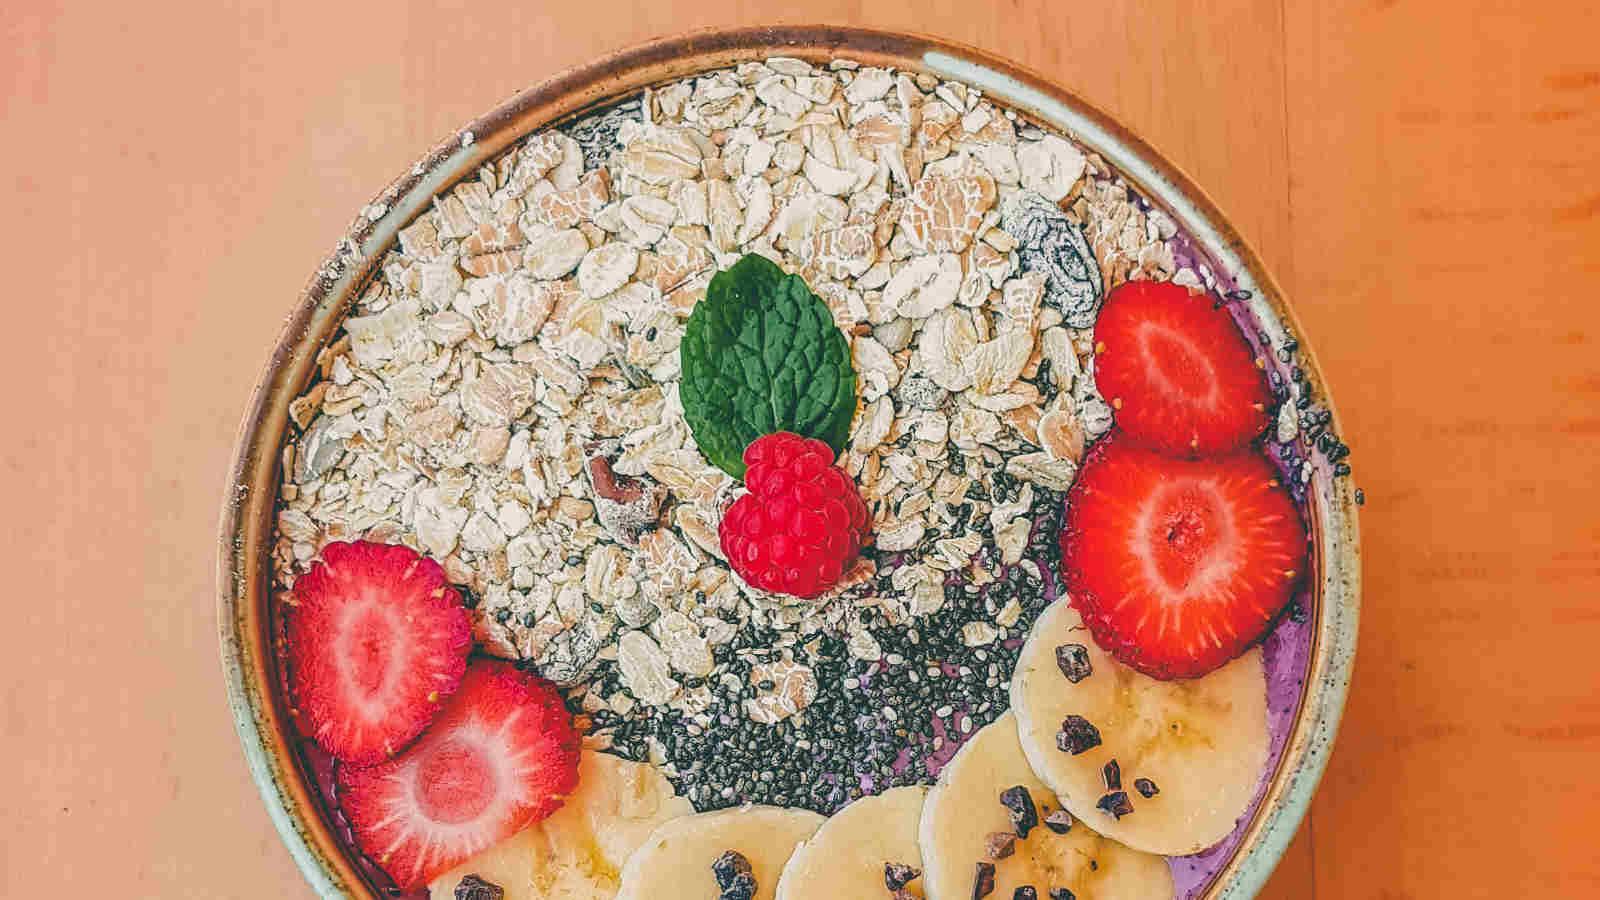 Haferflocken Diät- So funktioniert die Diät + die besten Rezepte